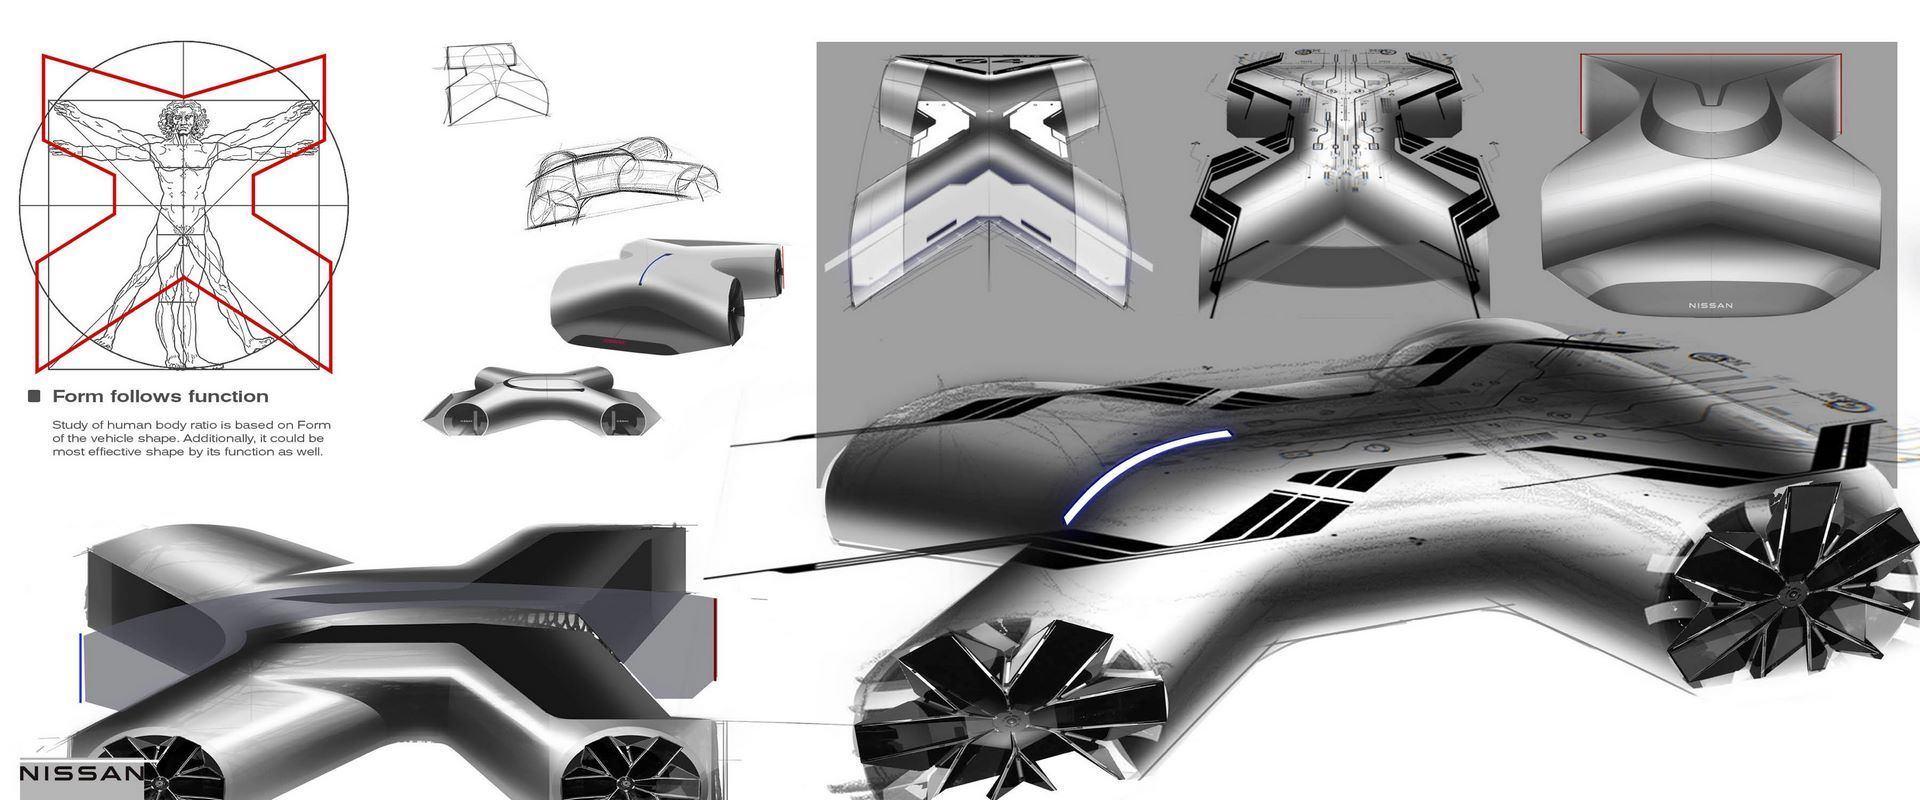 Nissan-GT-R-X-2050-Concept-39